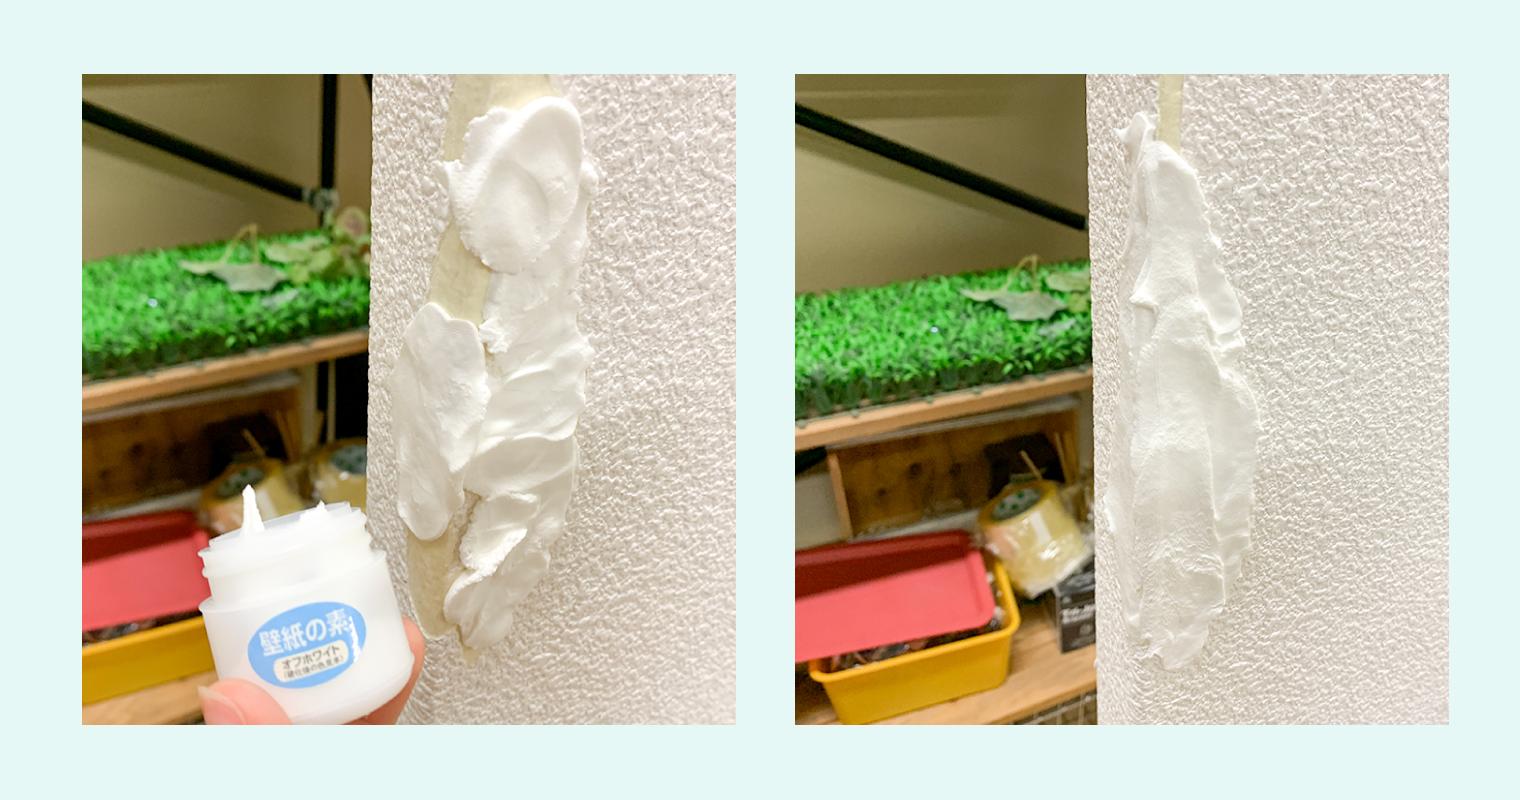 壁紙の素は壁紙と同じ厚さになるよう指ですくって指で広げる